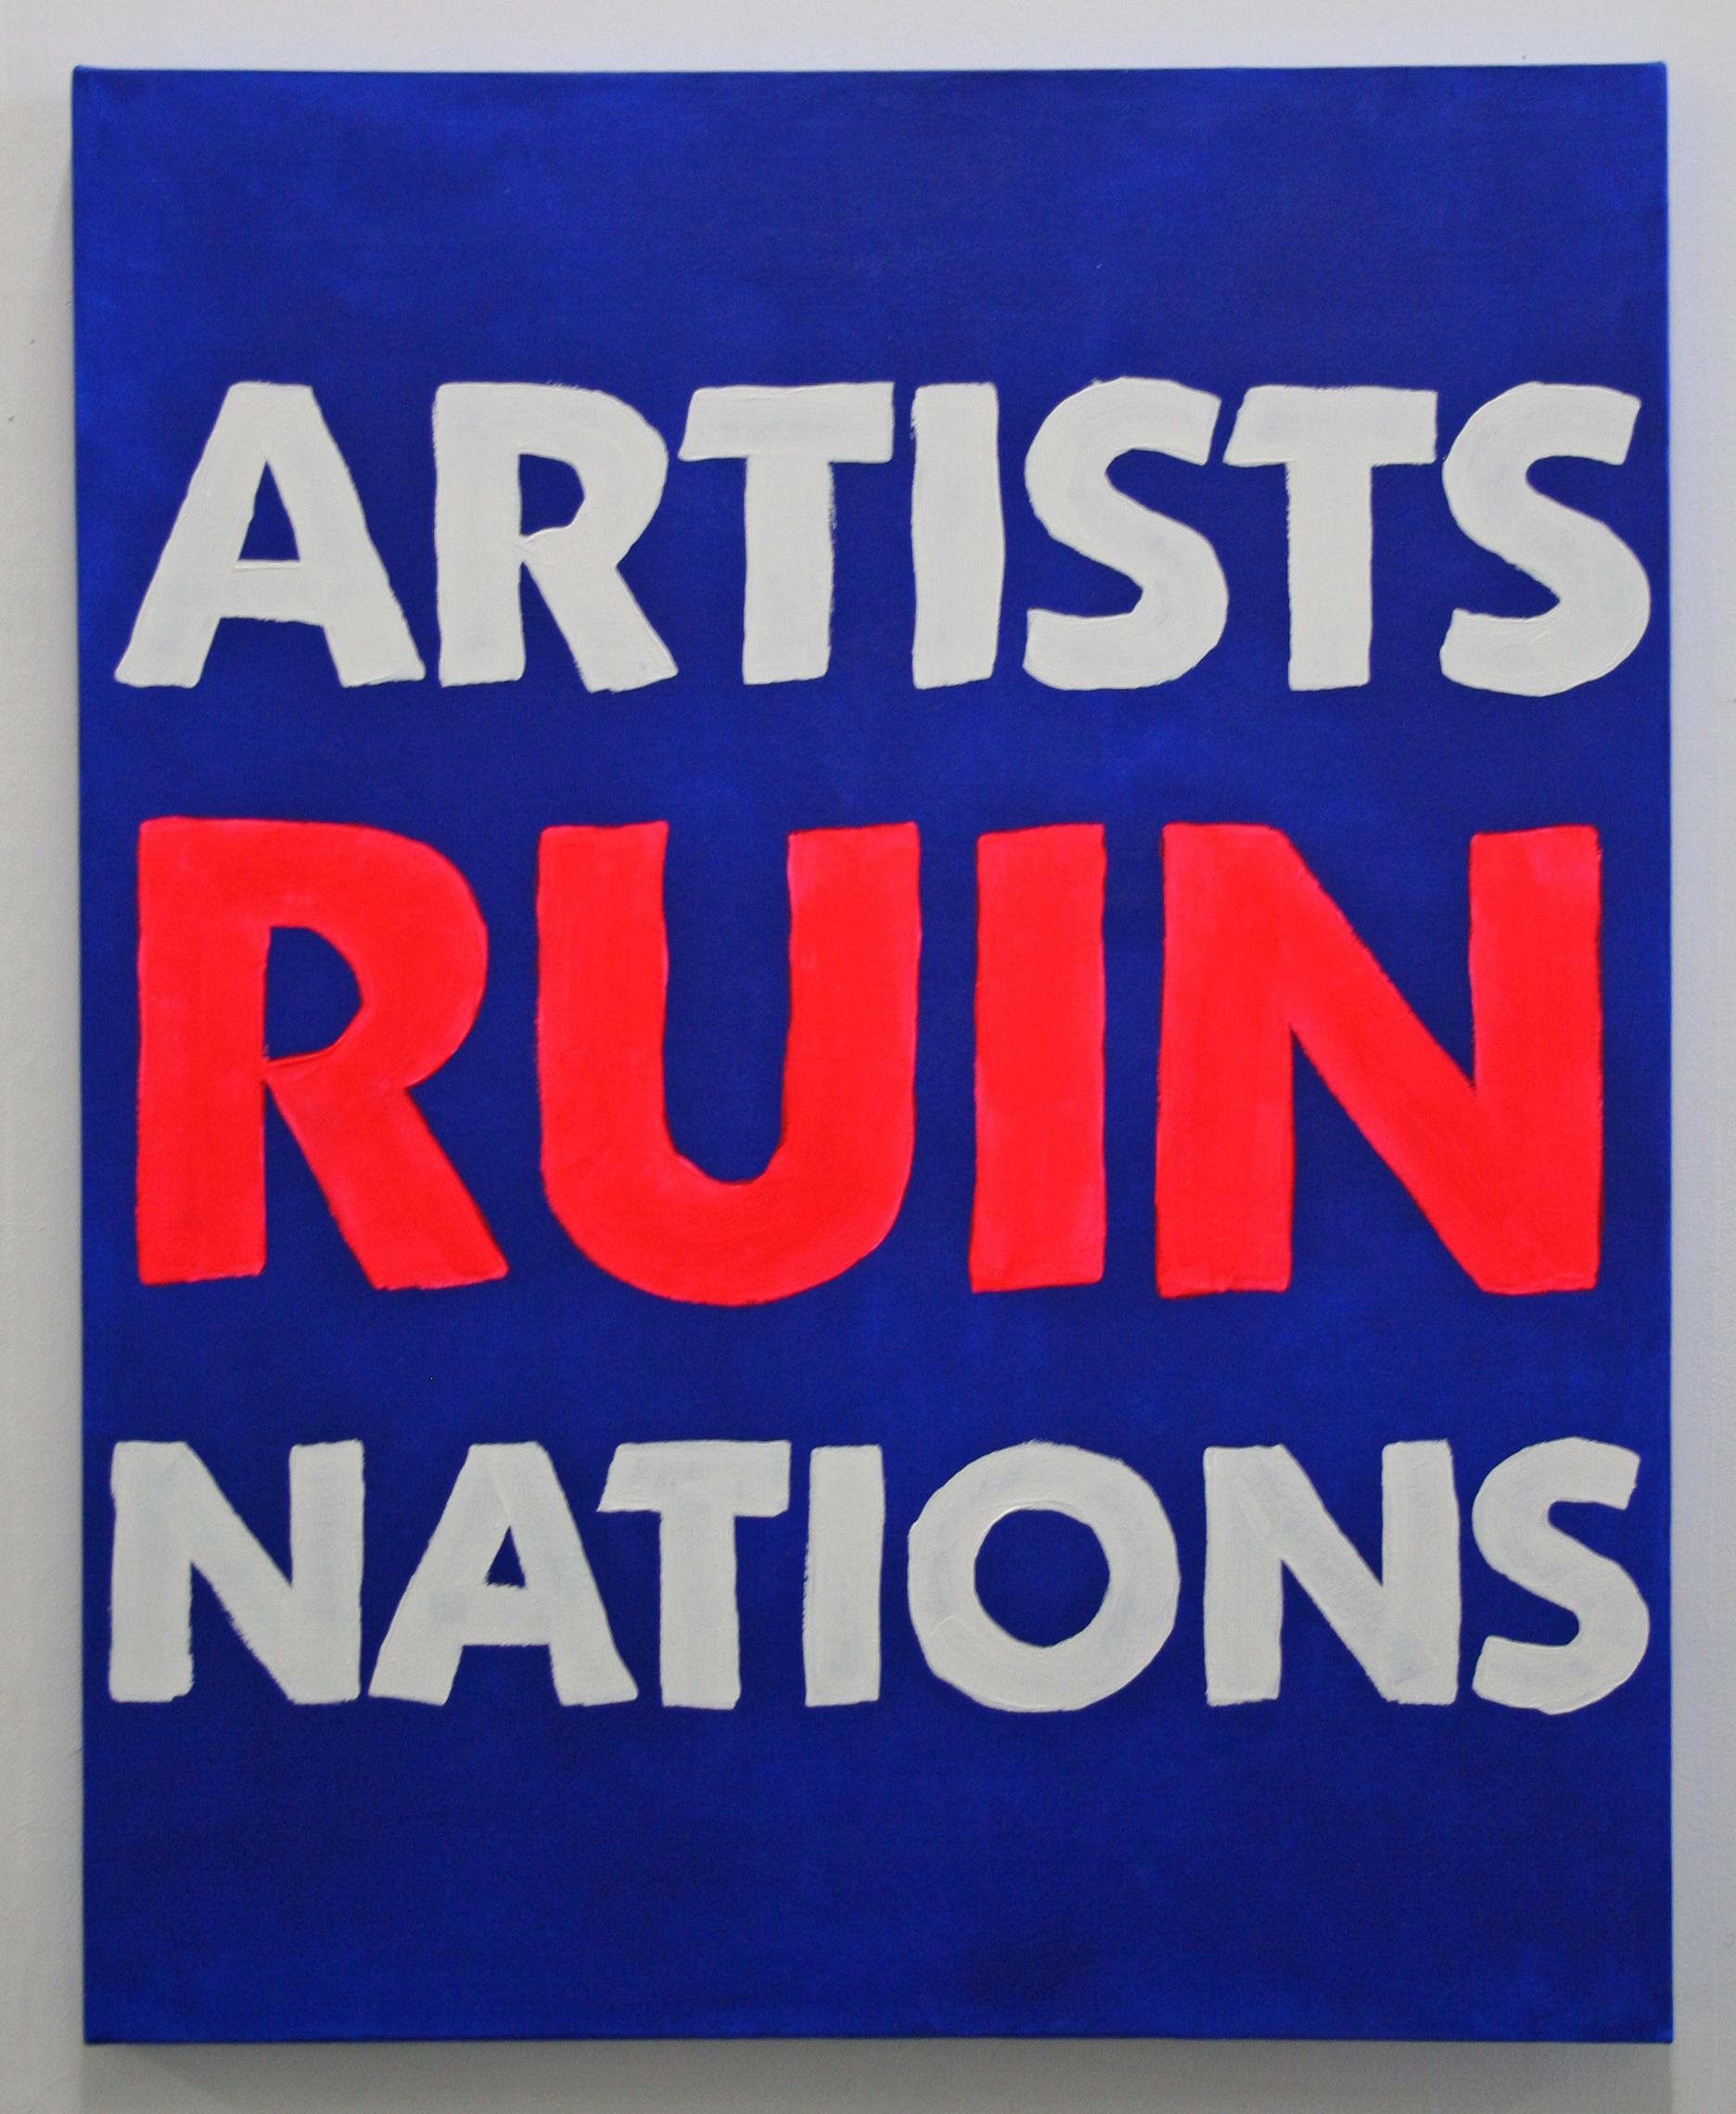 ARTISTS RUIN NATIONS.jpg